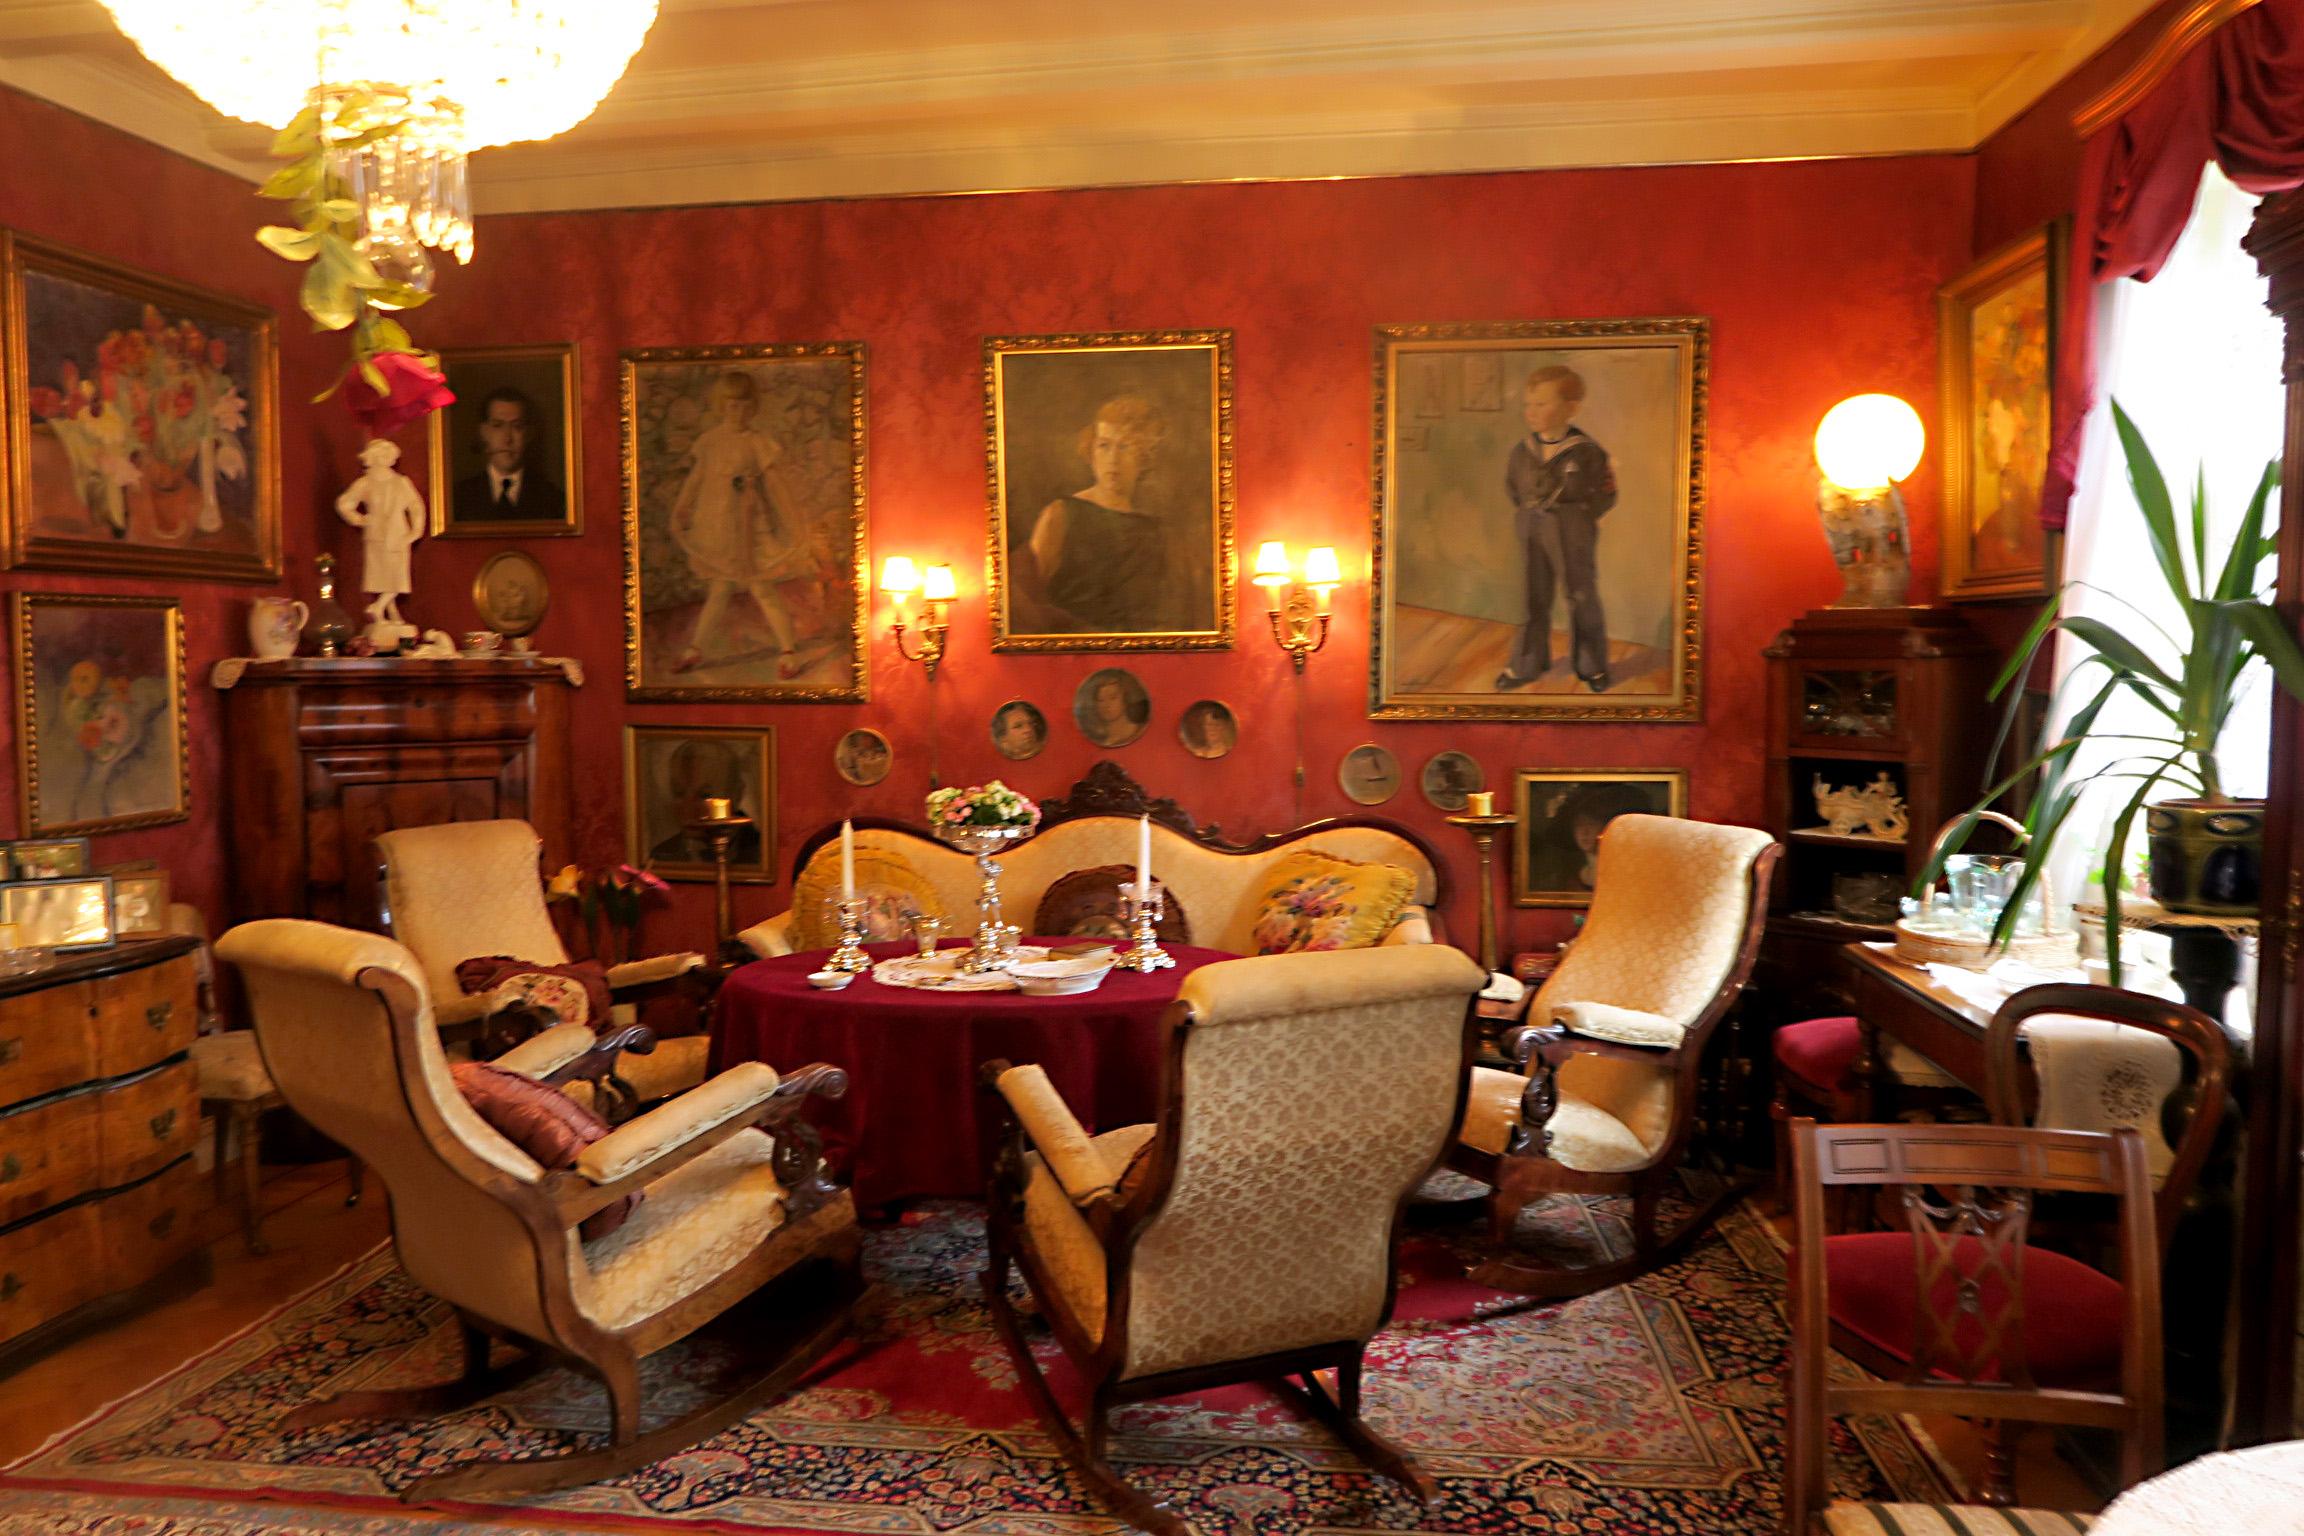 Bilde av interiøret. Fredningen av «Villa Gro-Gro» omfatter bygningens eksteriør og deler av interiøret. Foto er tatt av Karen Thommesen, Riksantikvaren